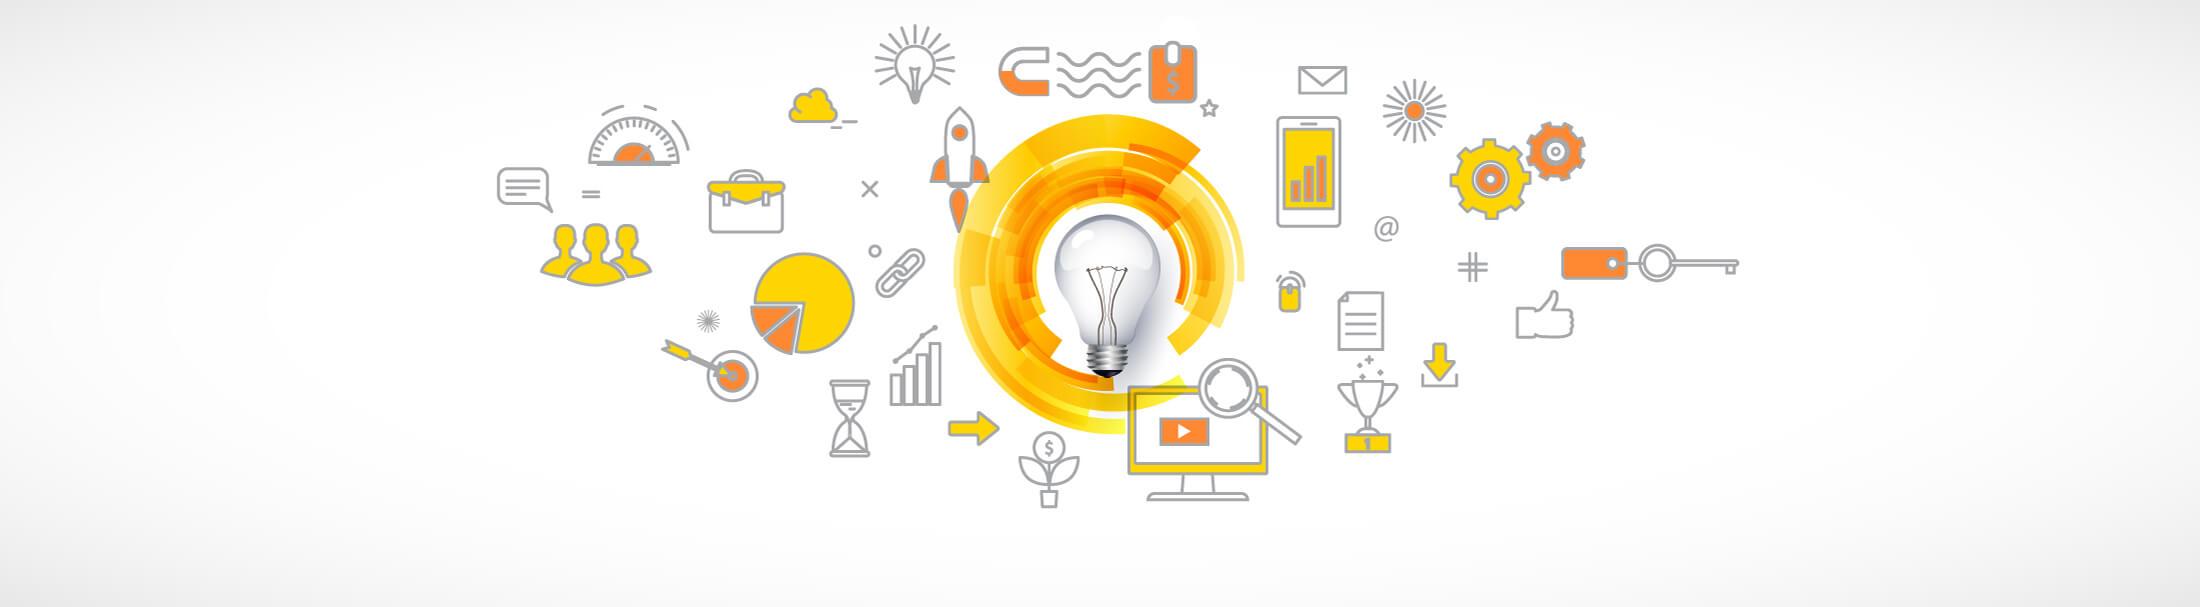 ۱۲ روش ساده برای ادغام تفکر انتقادی و سواد رسانهای با برنامهی درسی